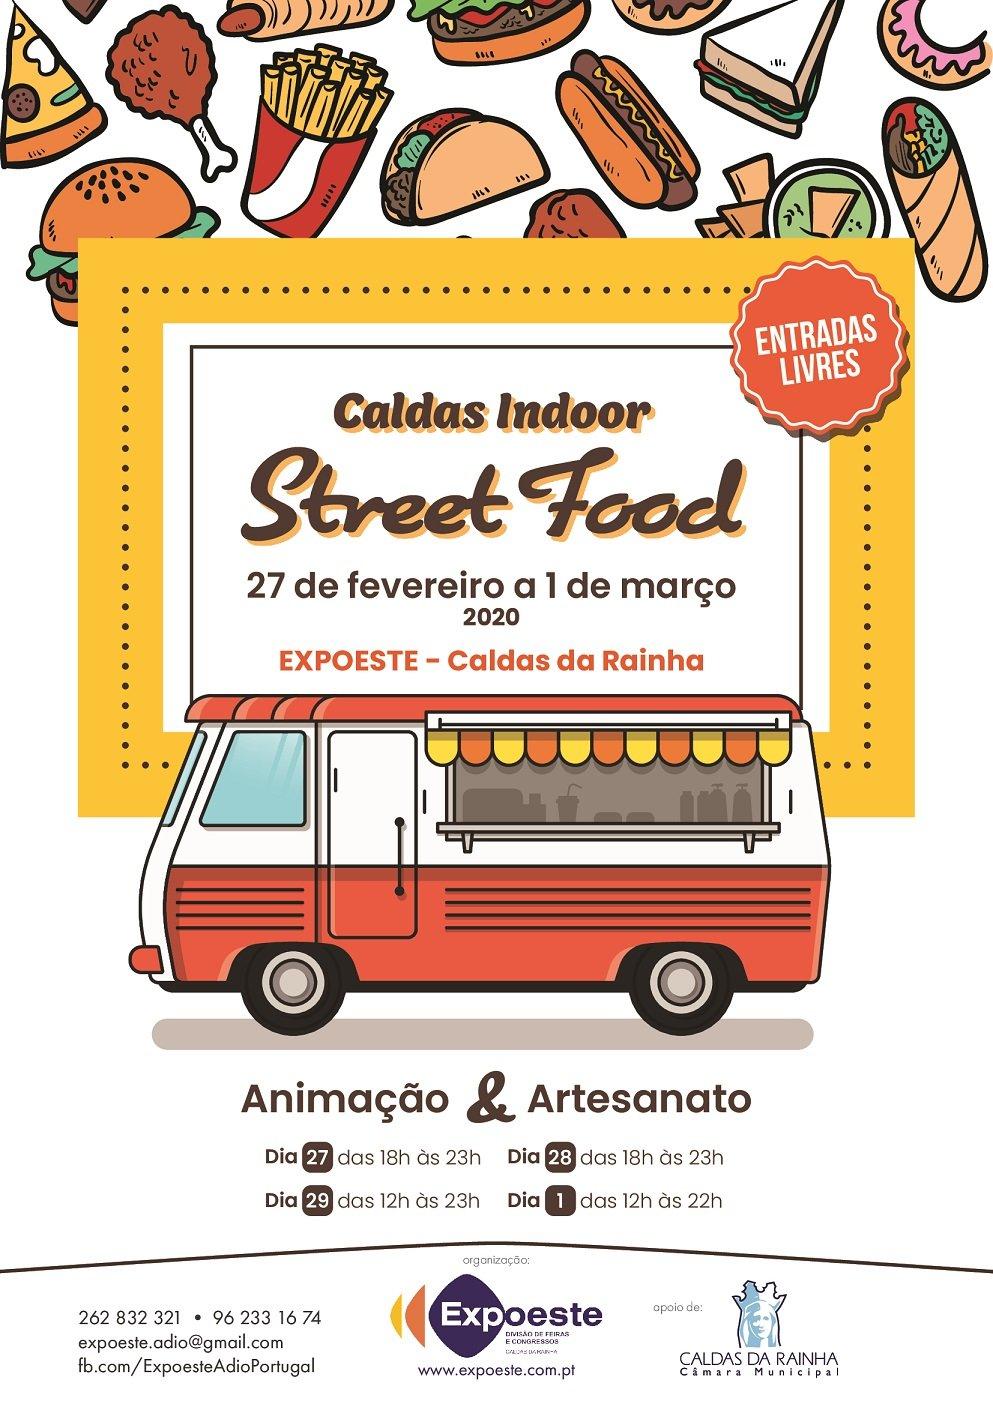 CALDAS INDOOR STREET FOOD